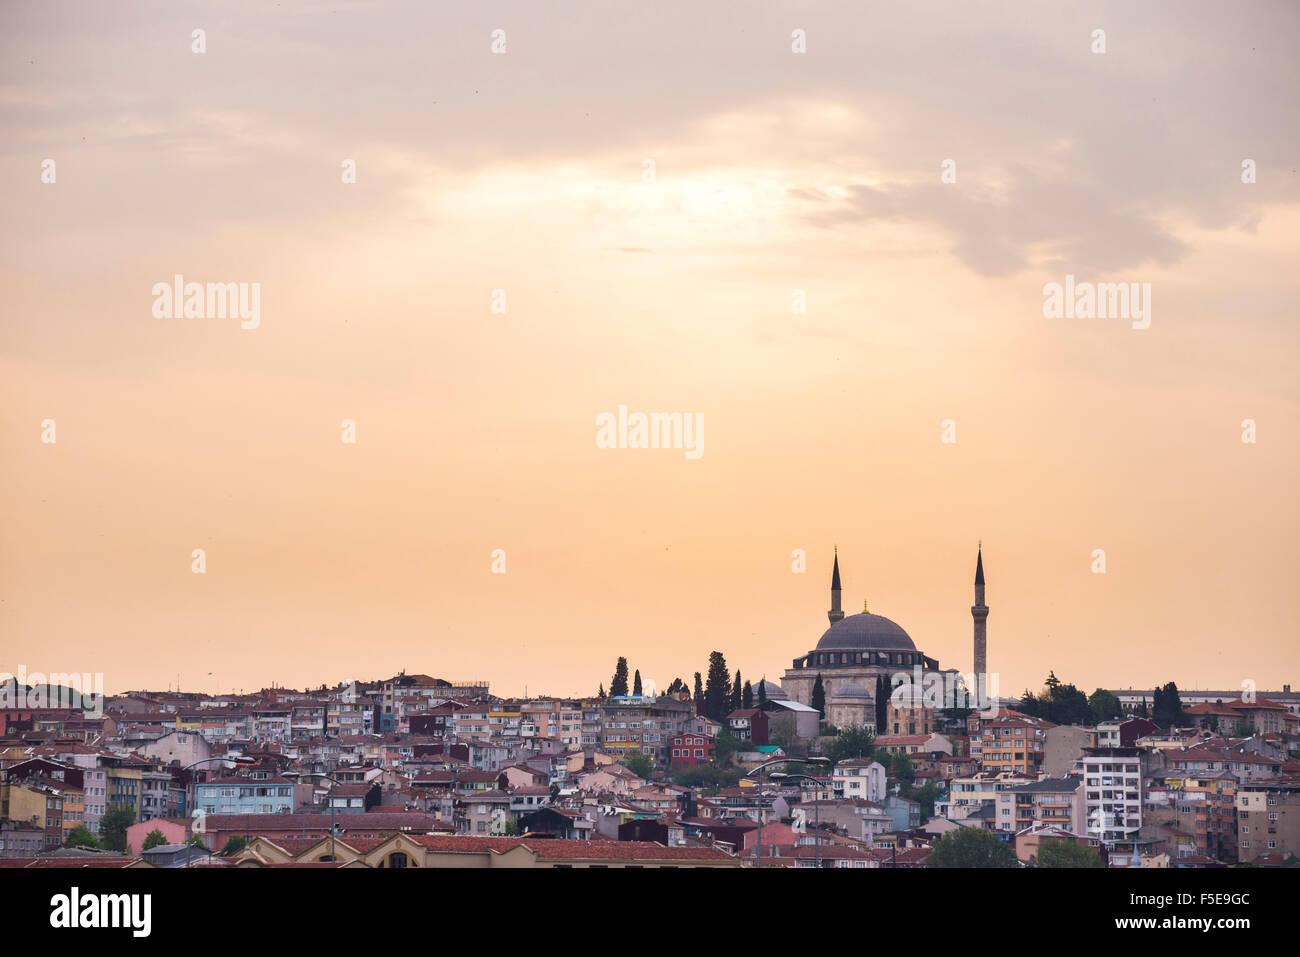 Mezquita en la cima de la colina al atardecer, Estambul, Turquía, Europa Imagen De Stock